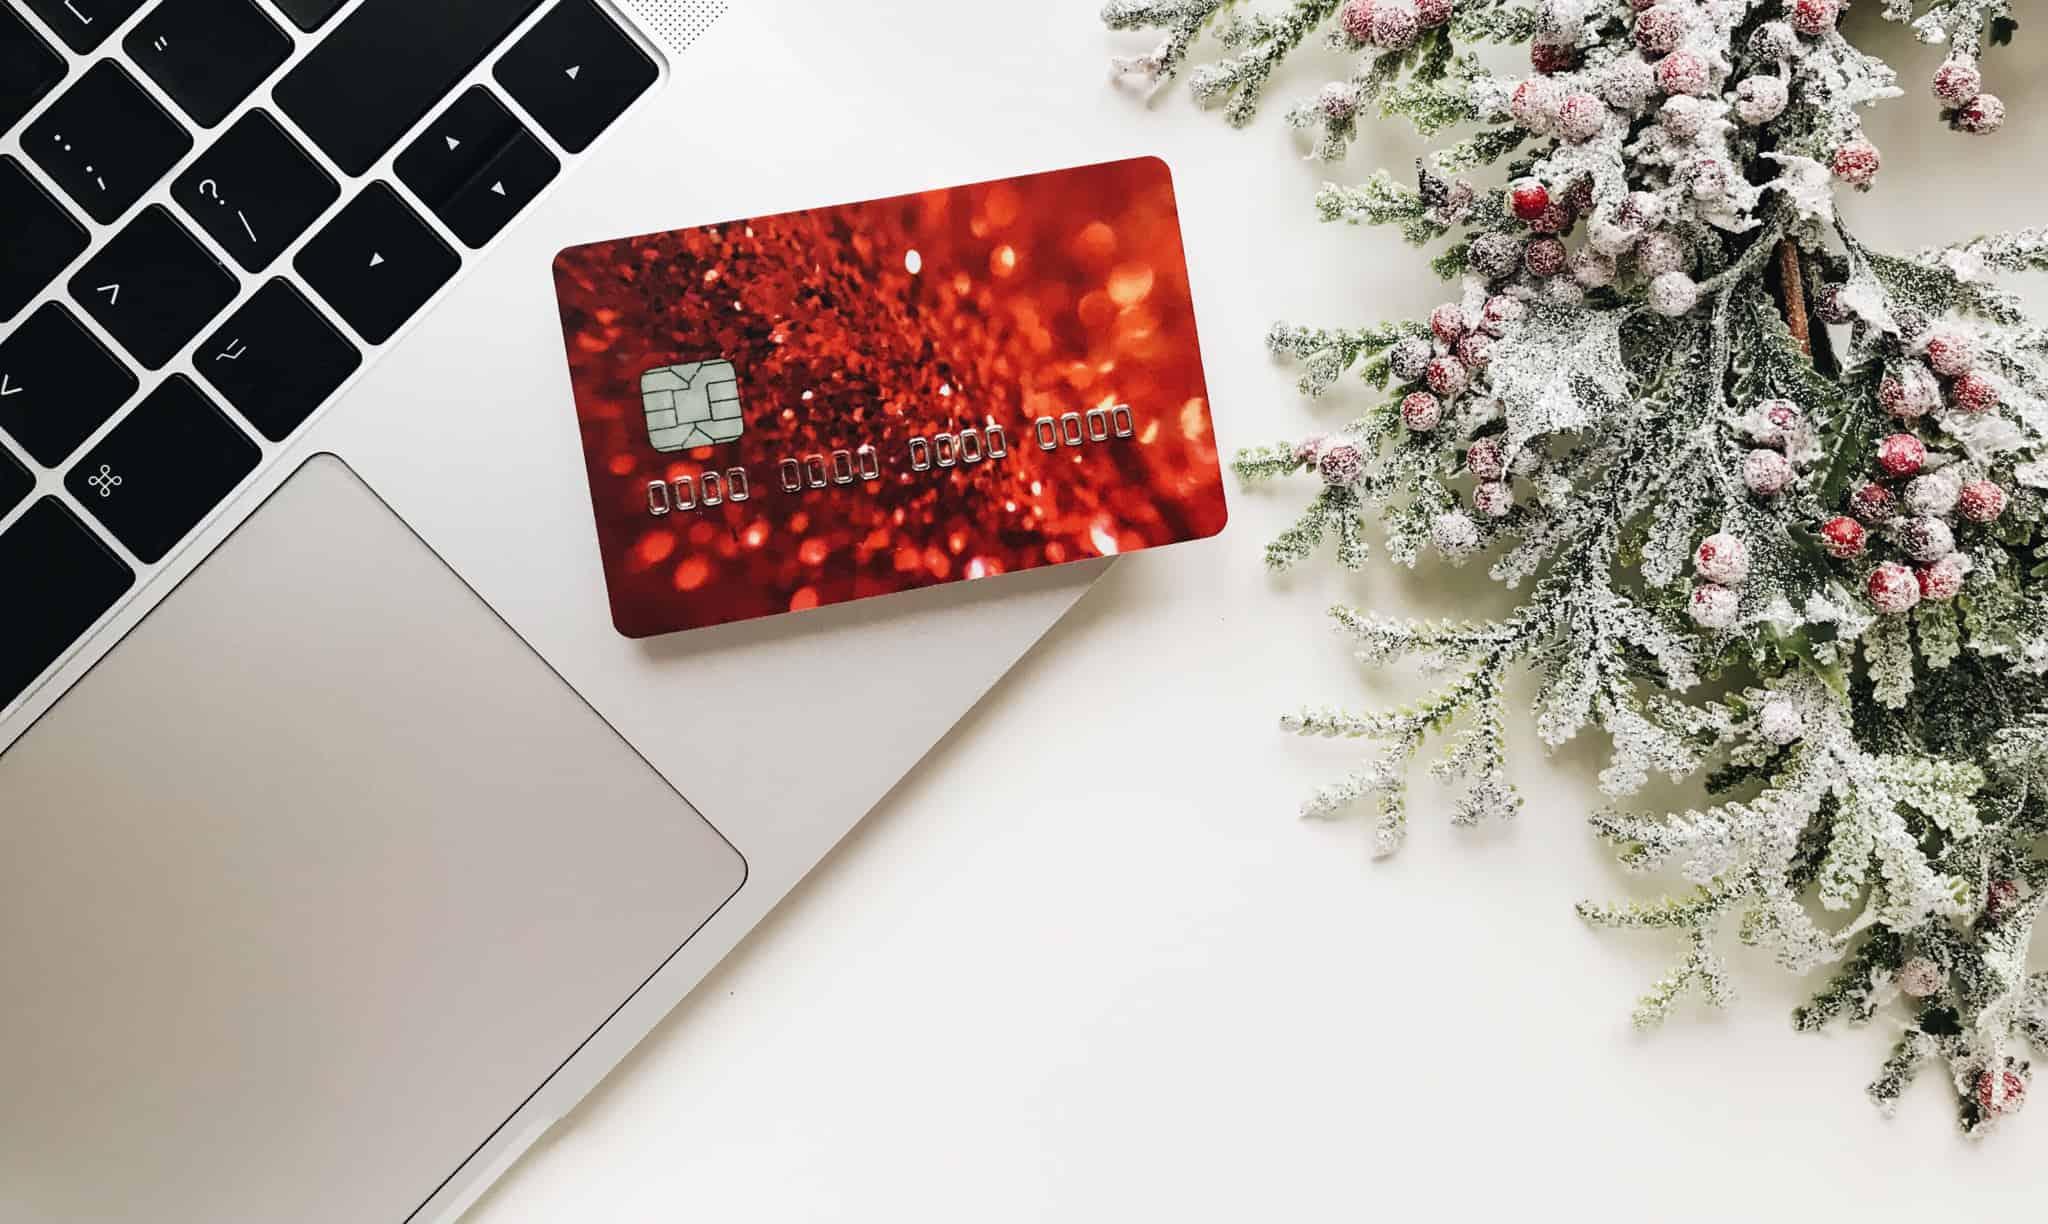 Cartão de Crédito_compras de natal